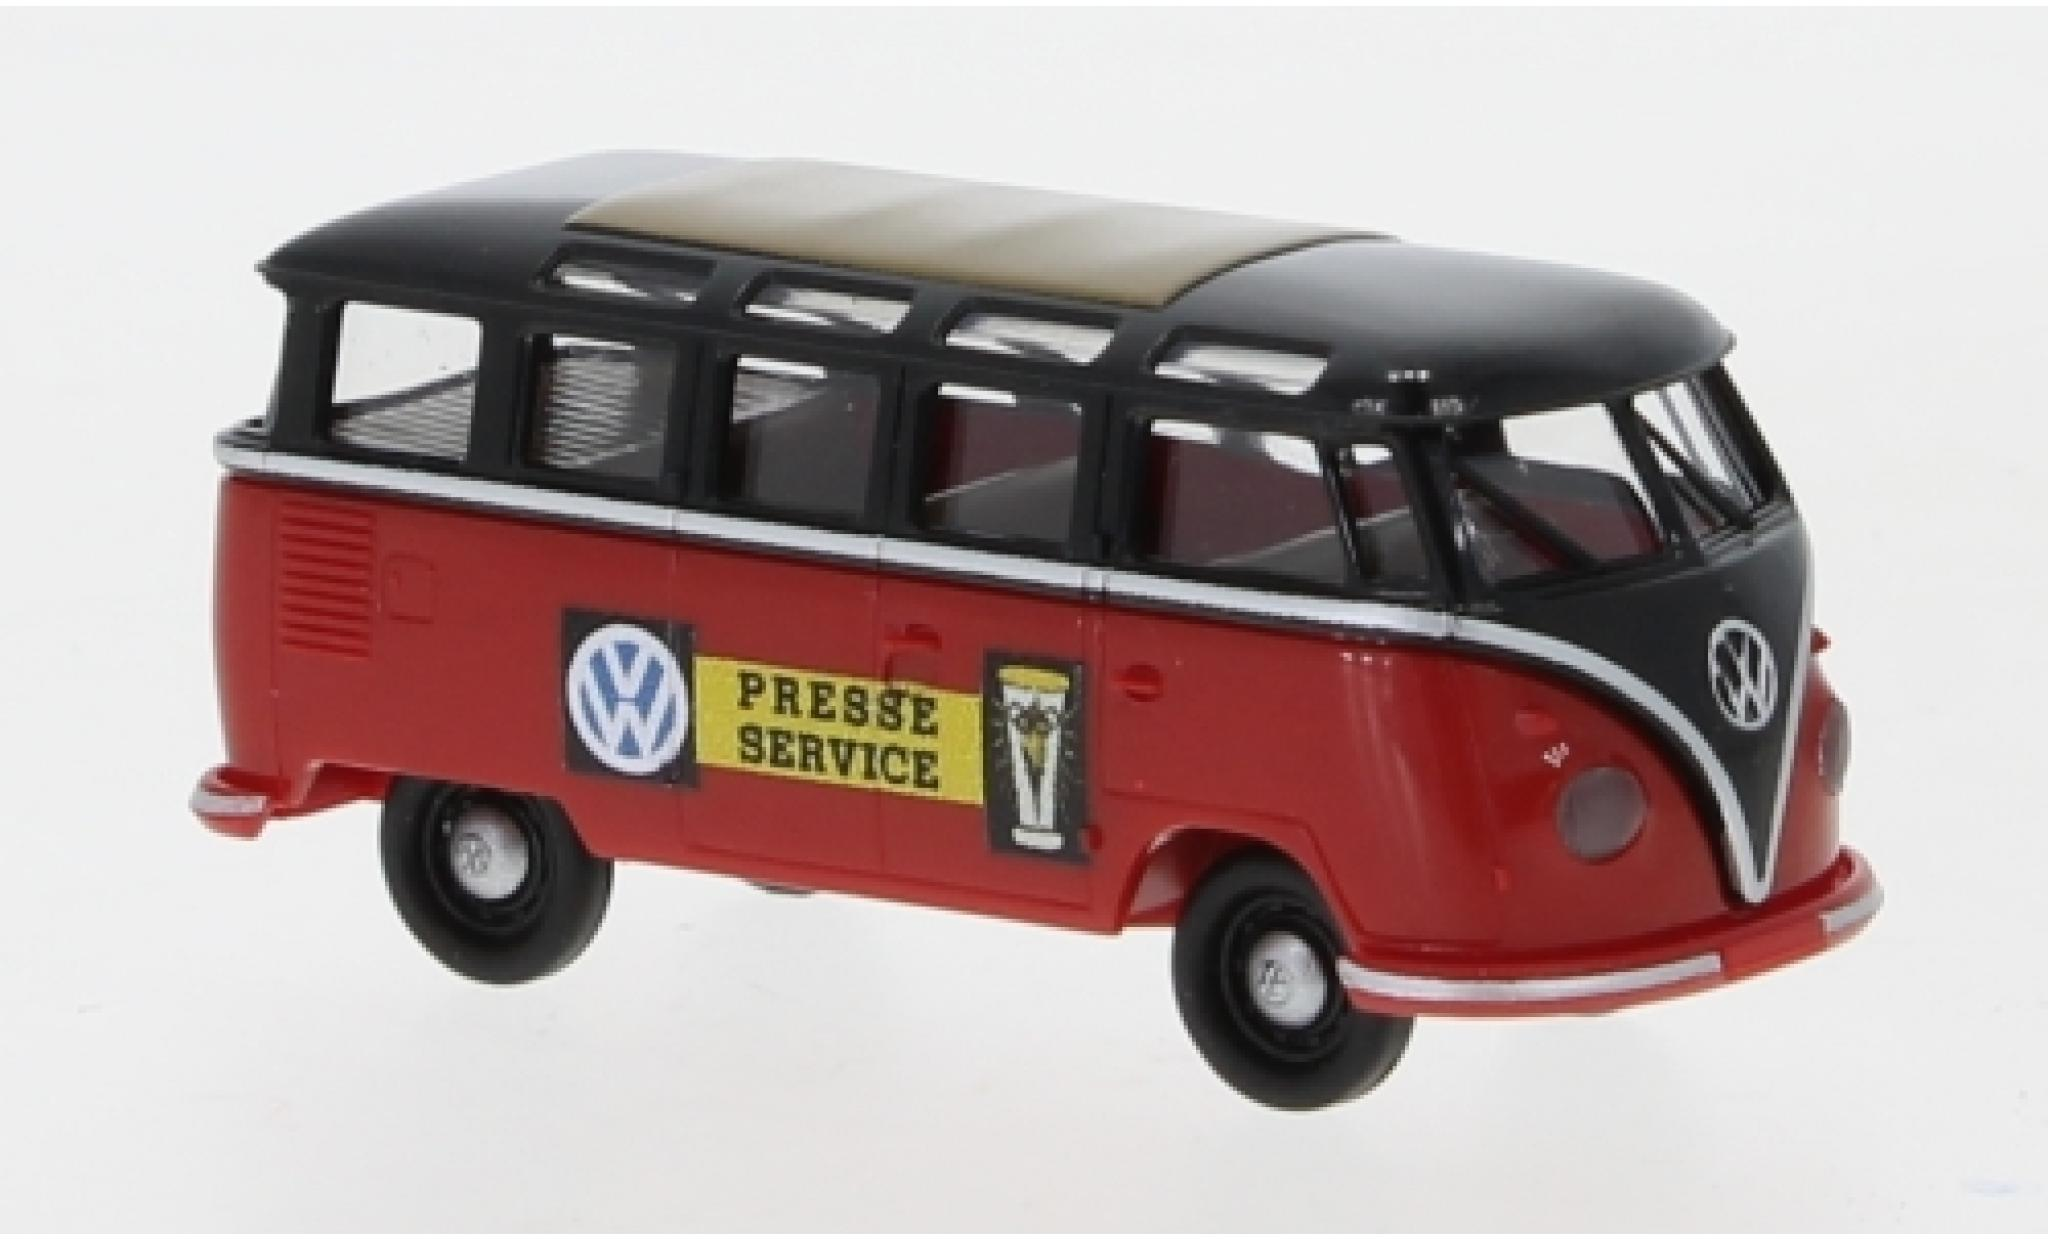 Volkswagen T1 1/87 Brekina b Samba Presseservice 1960